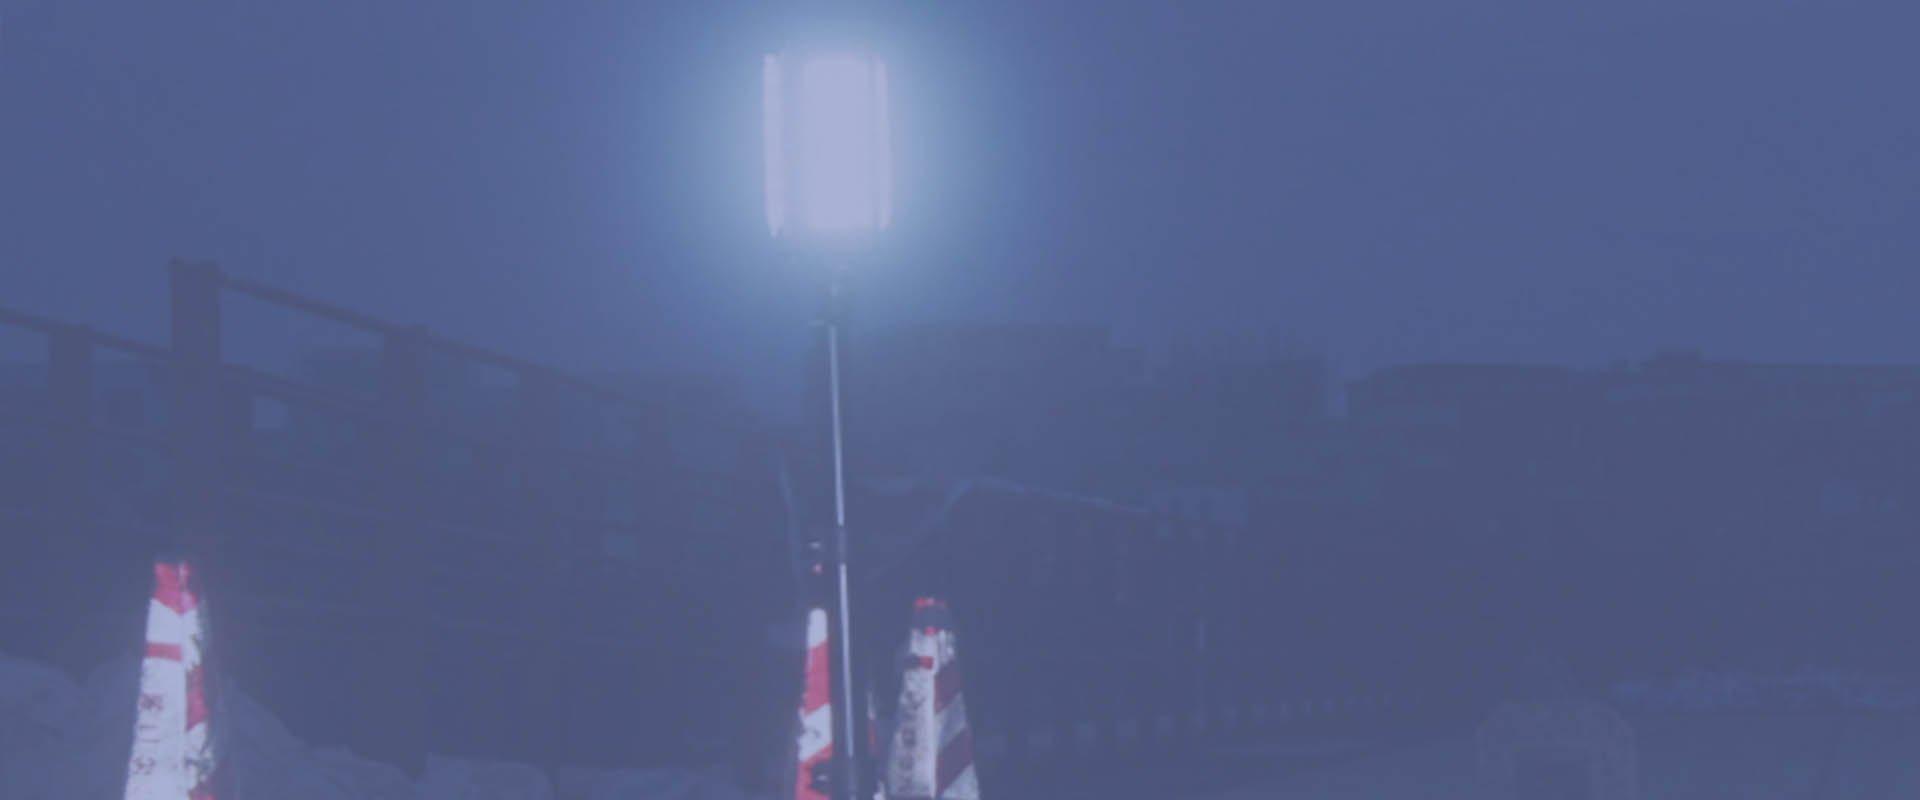 outdoor work lights